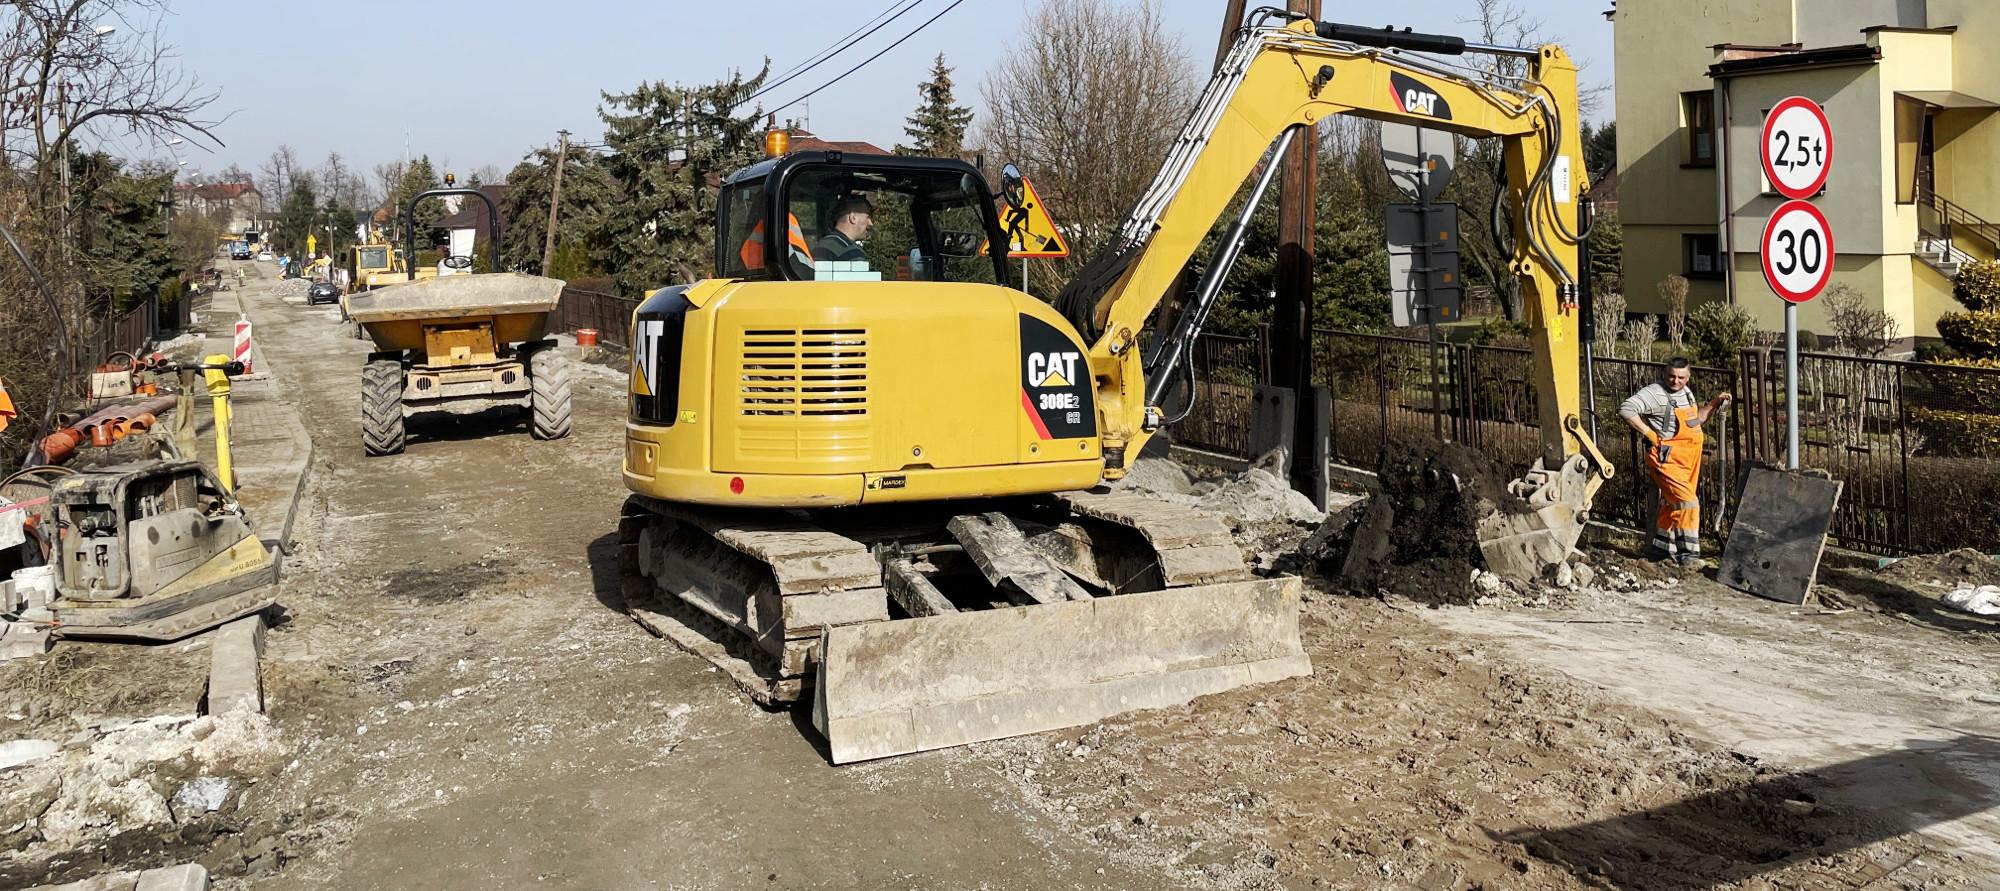 Prace remontowej na ul. Kolejowej w Podłężu